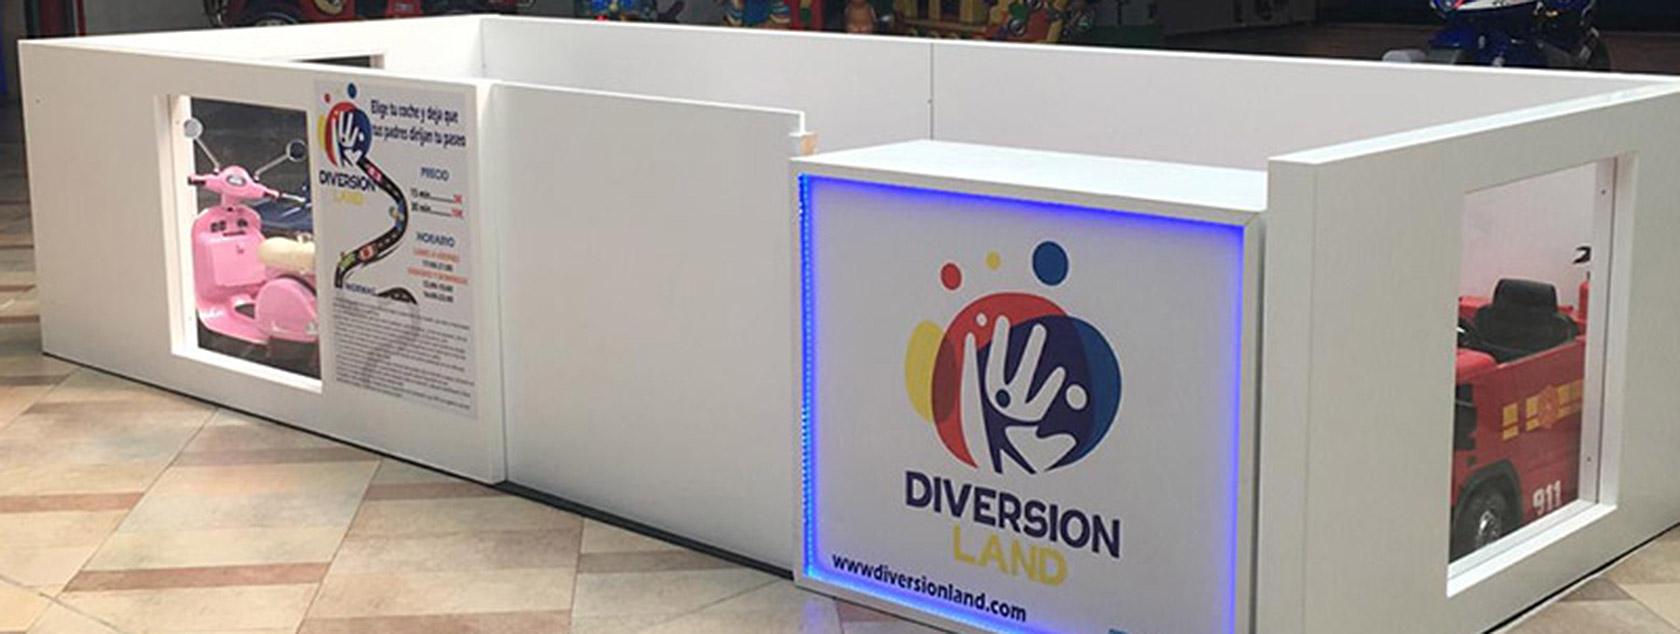 Apertura de DiversionLand en CC El Ferial